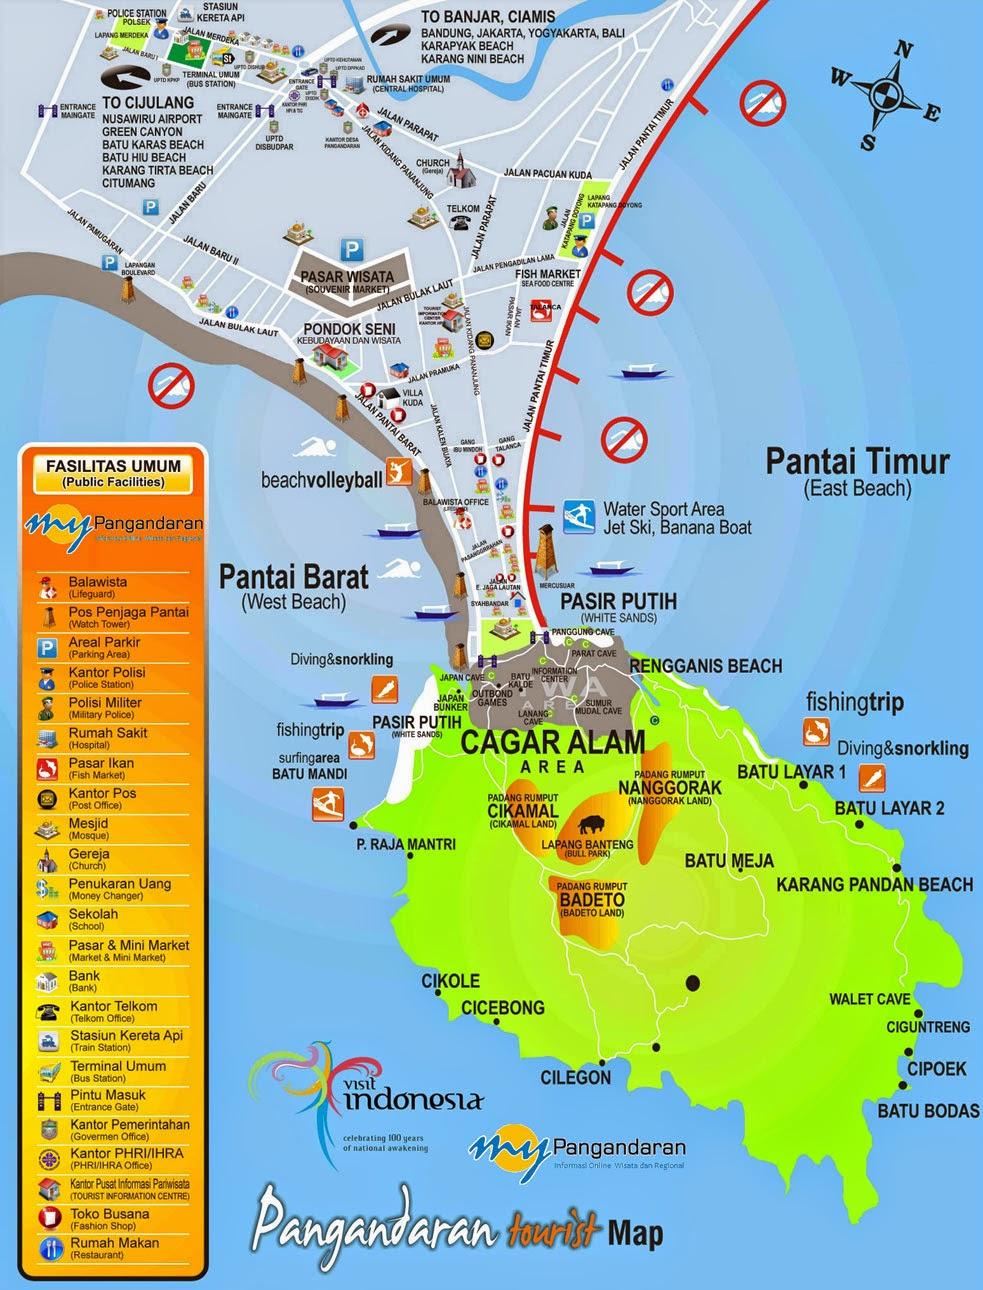 6 Tempat Wisata di Pangandaran Yang Bisa Dikunjungi - Tempat Wisata Tempat Wisata983 × 1290Search by image 1. Pantai Pangandaran